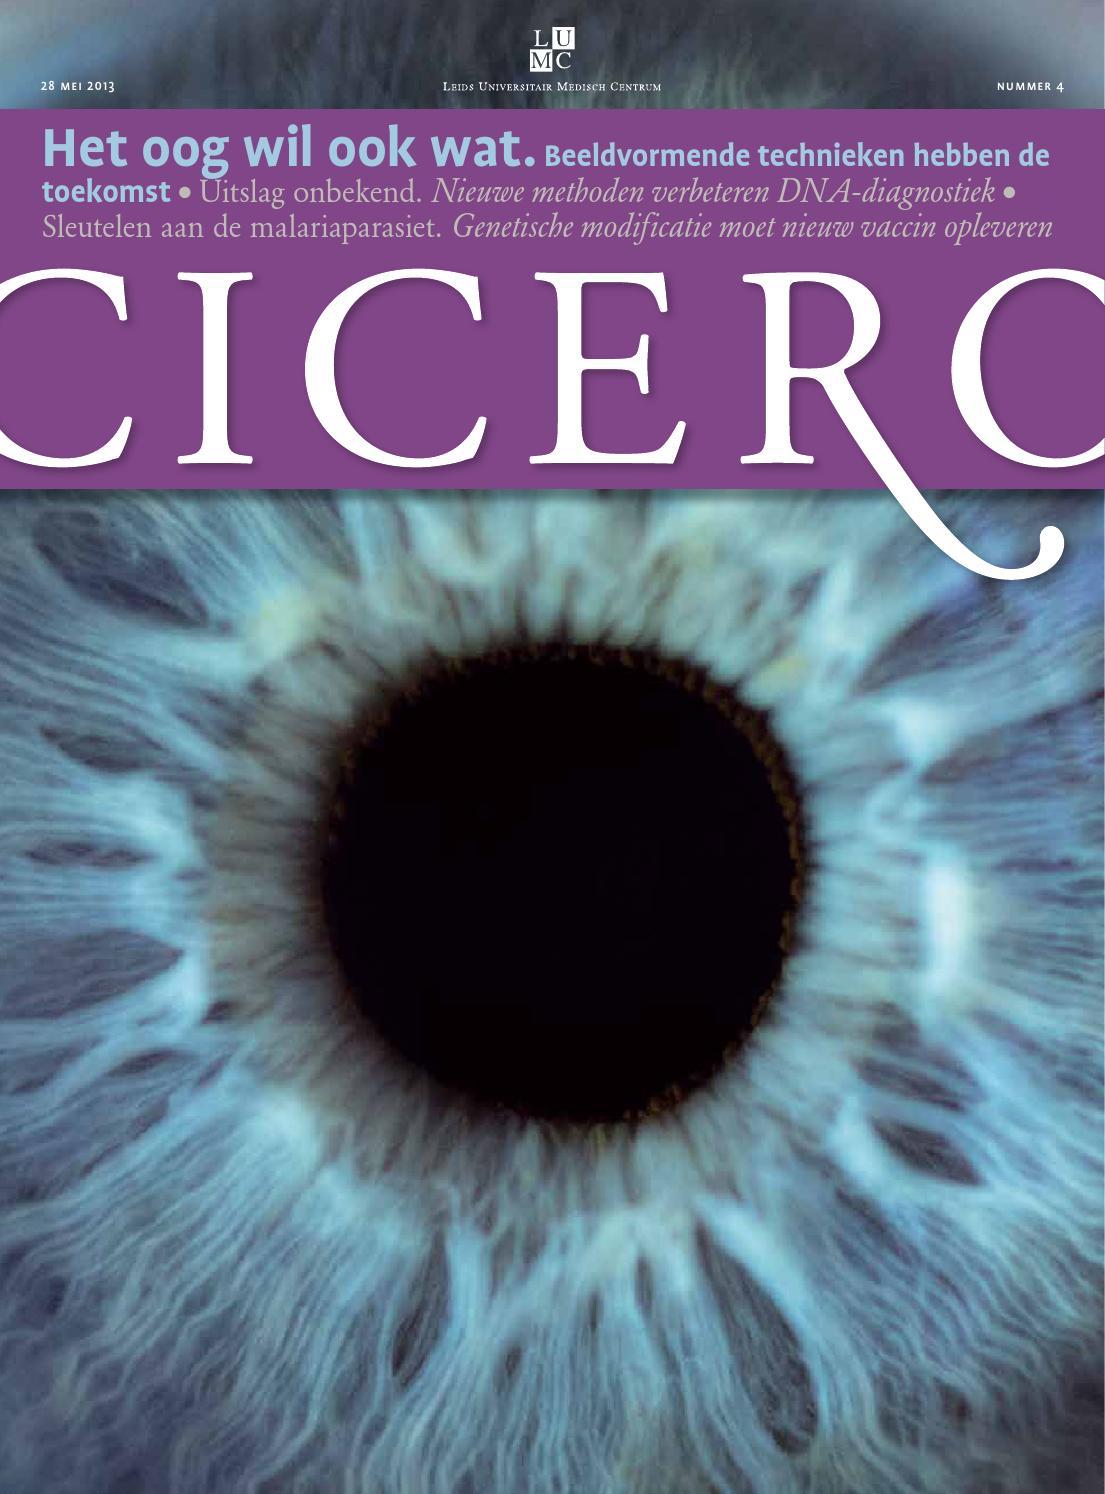 Cicero (2014, nummer 4) by Leids Universitair Medisch Centrum - issuu